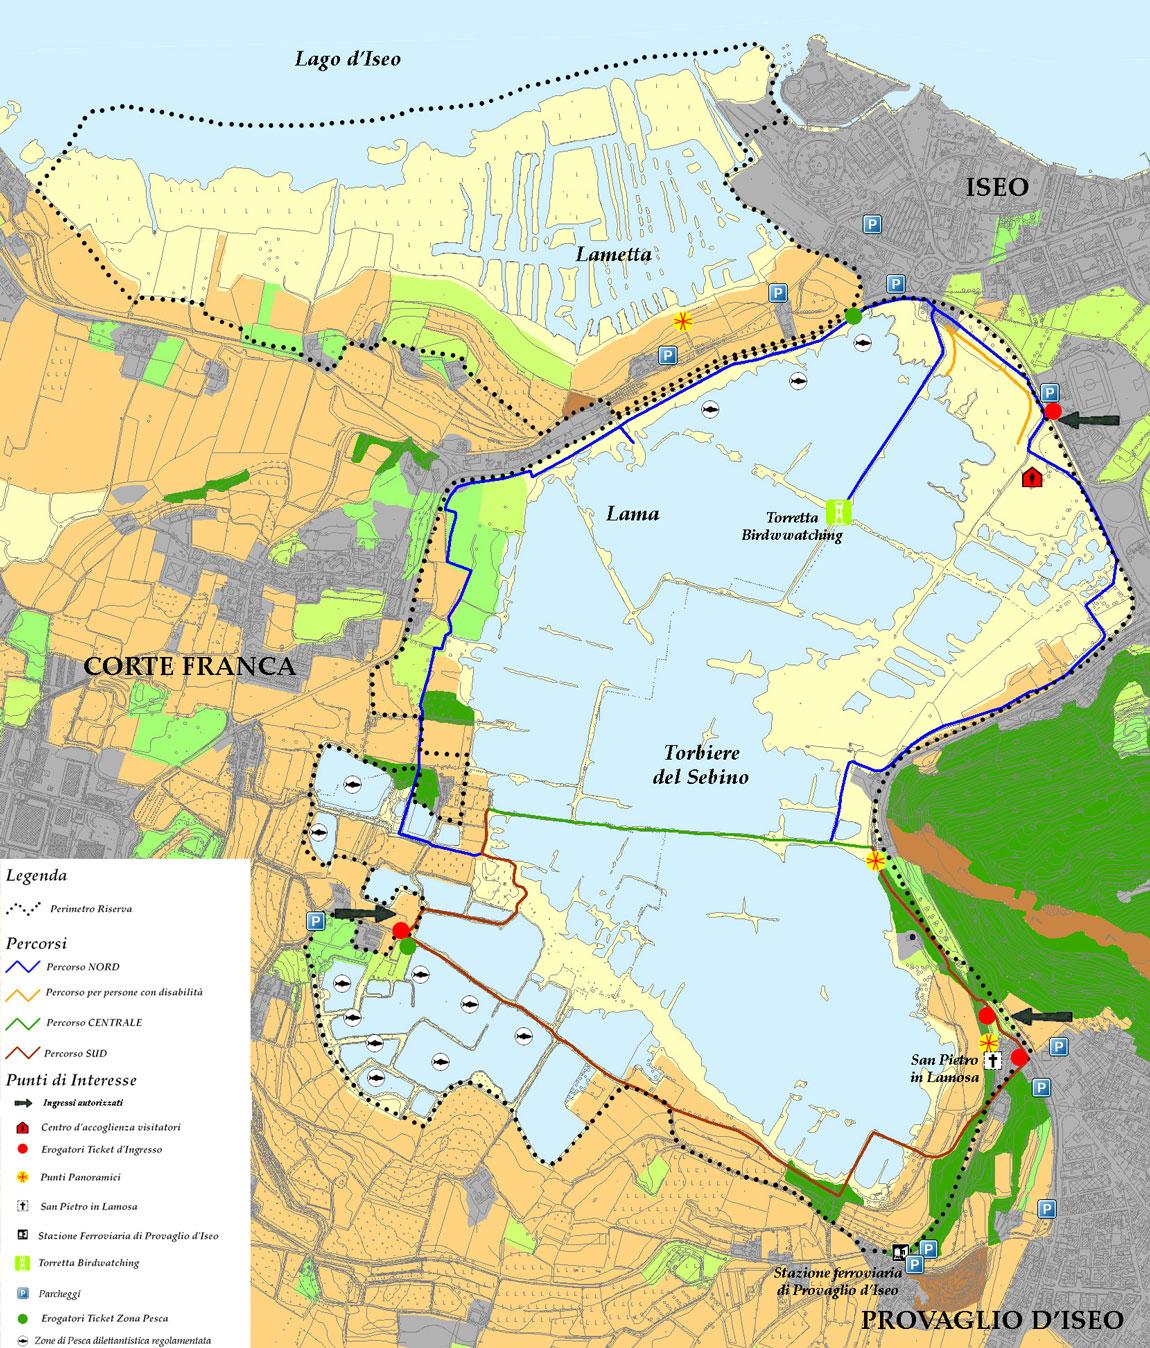 Mappa della Riserva Naturale Torbiere del Sebino